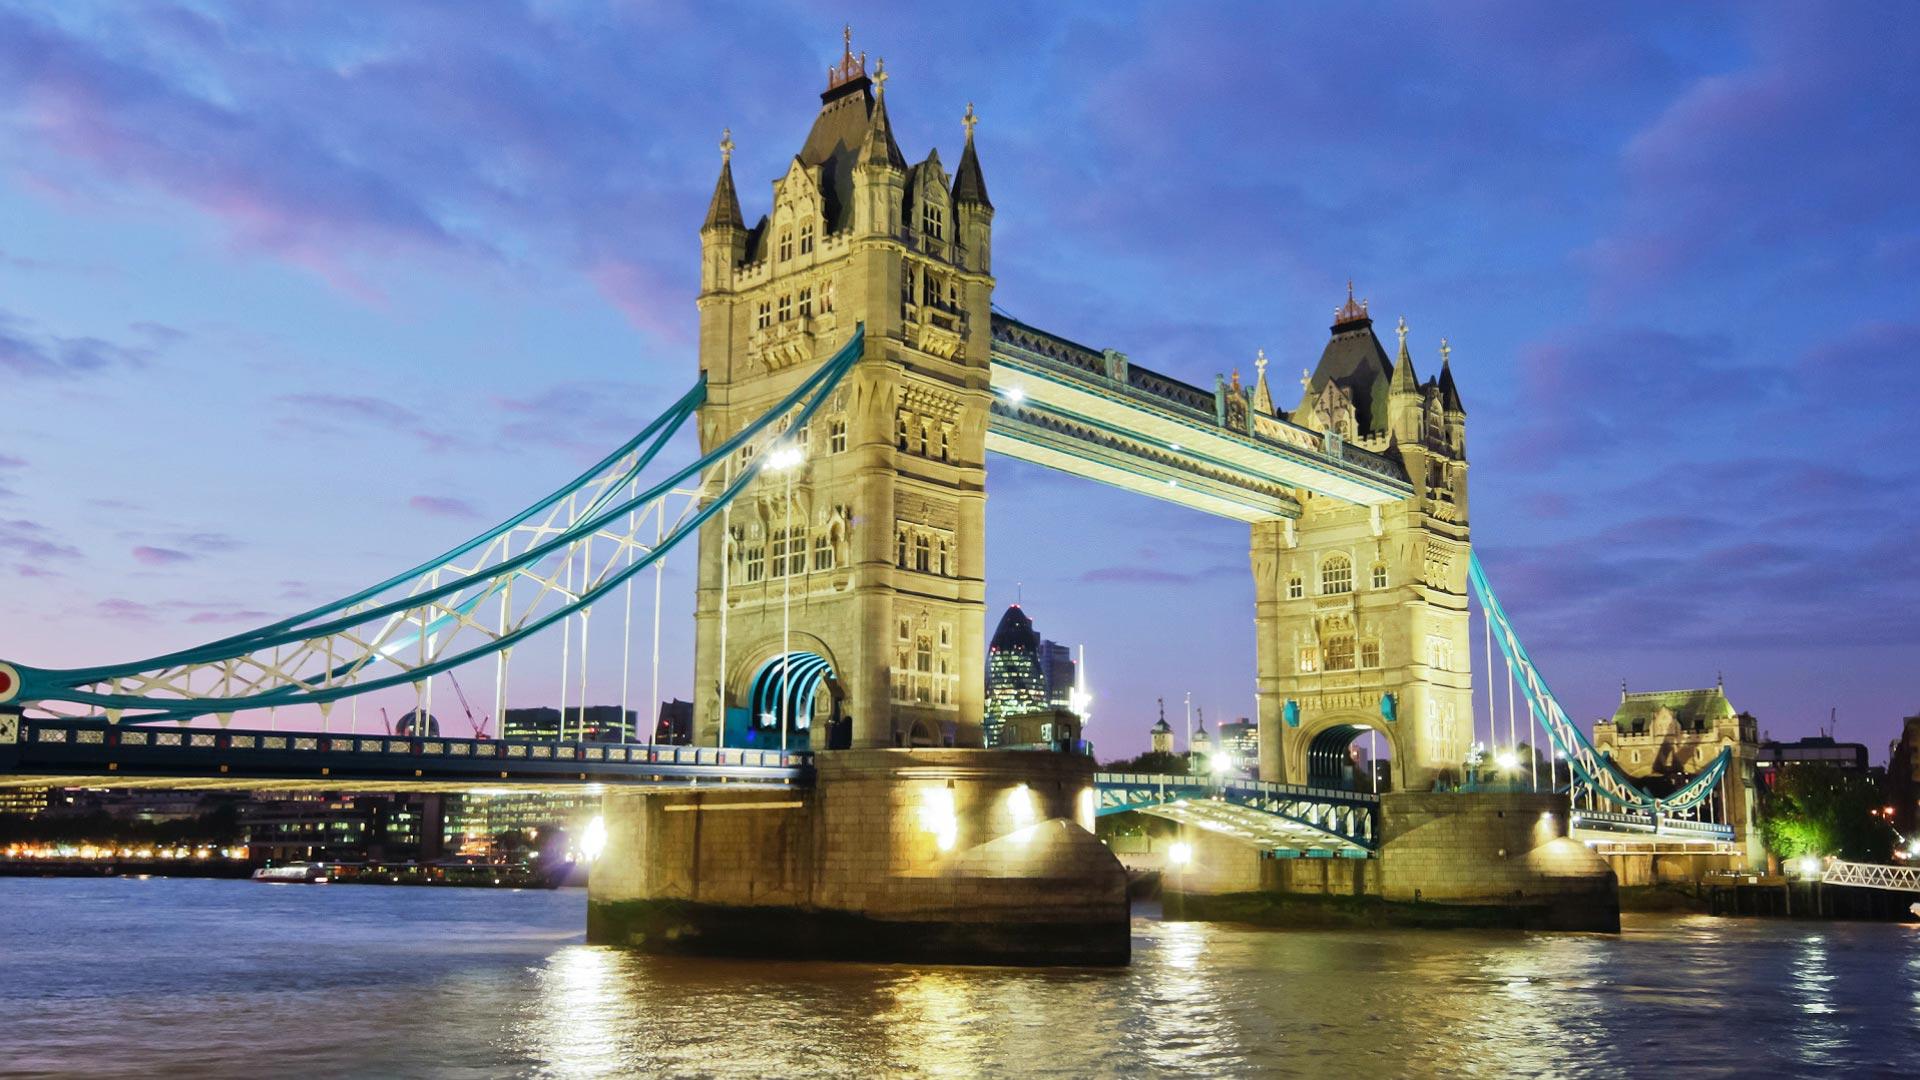 象征着伦敦正门的塔桥 英国,伦敦 从伦敦塔桥开始的旅行,畅游泰晤士河 只要是和伦敦有关的纪录片或电影,塔桥的出镜率都超级高。这座上开悬索桥每日吸引着来自世界各地的游客参观。夜景的伦敦塔桥更是泰晤士河上一座亮丽的风景线。塔内有展室可了解桥的工作情况,还可以参观塔桥博物馆了解它的历史。 1、伦敦塔桥透明玻璃走廊 伦敦塔桥透明玻璃走廊位于伦敦塔桥的塔顶,喜欢高空惊险漫步的游客绝对不能错过。在这里你站在140英尺的高空,俯瞰桥面和泰晤士河两侧的美景,车水马龙静悄悄的在脚下流过,一切美景尽收眼底。如果去的时机合适